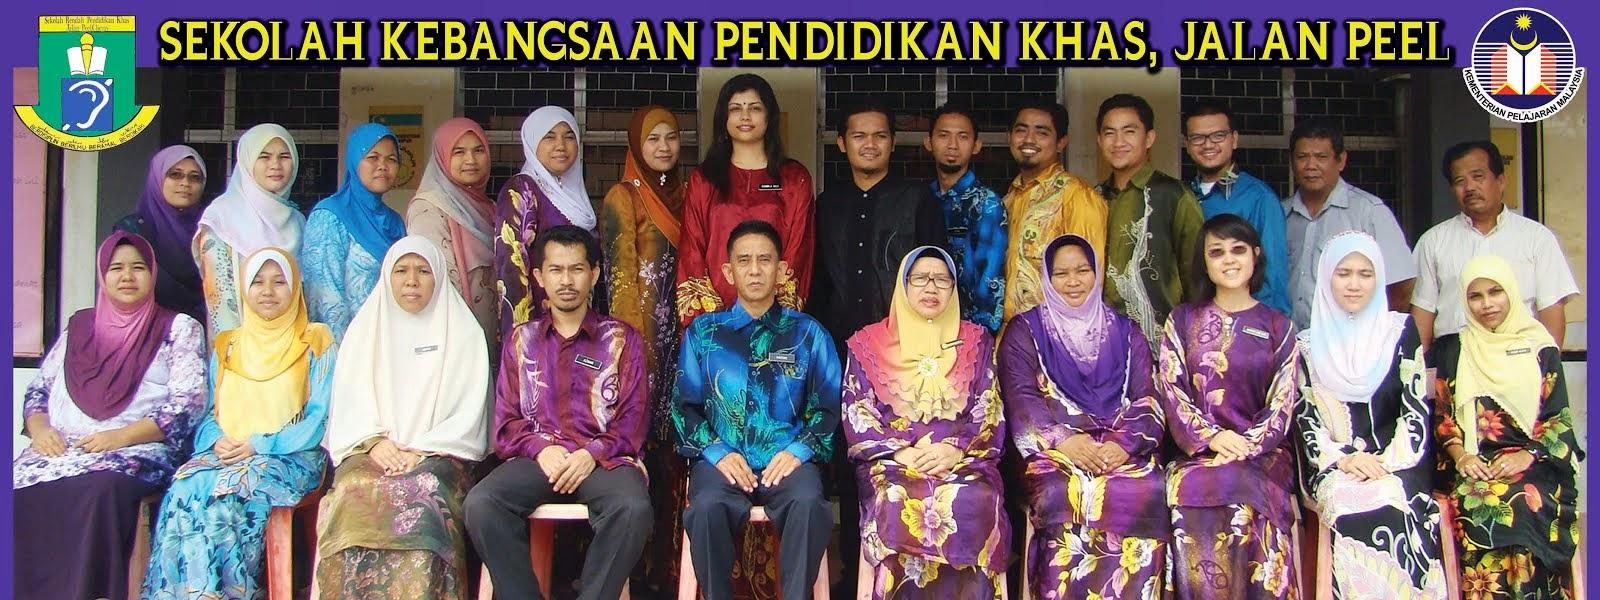 Sekolah Kebangsaan Pendidikan Khas Jalan Peel,Kuala Lumpur Official Website